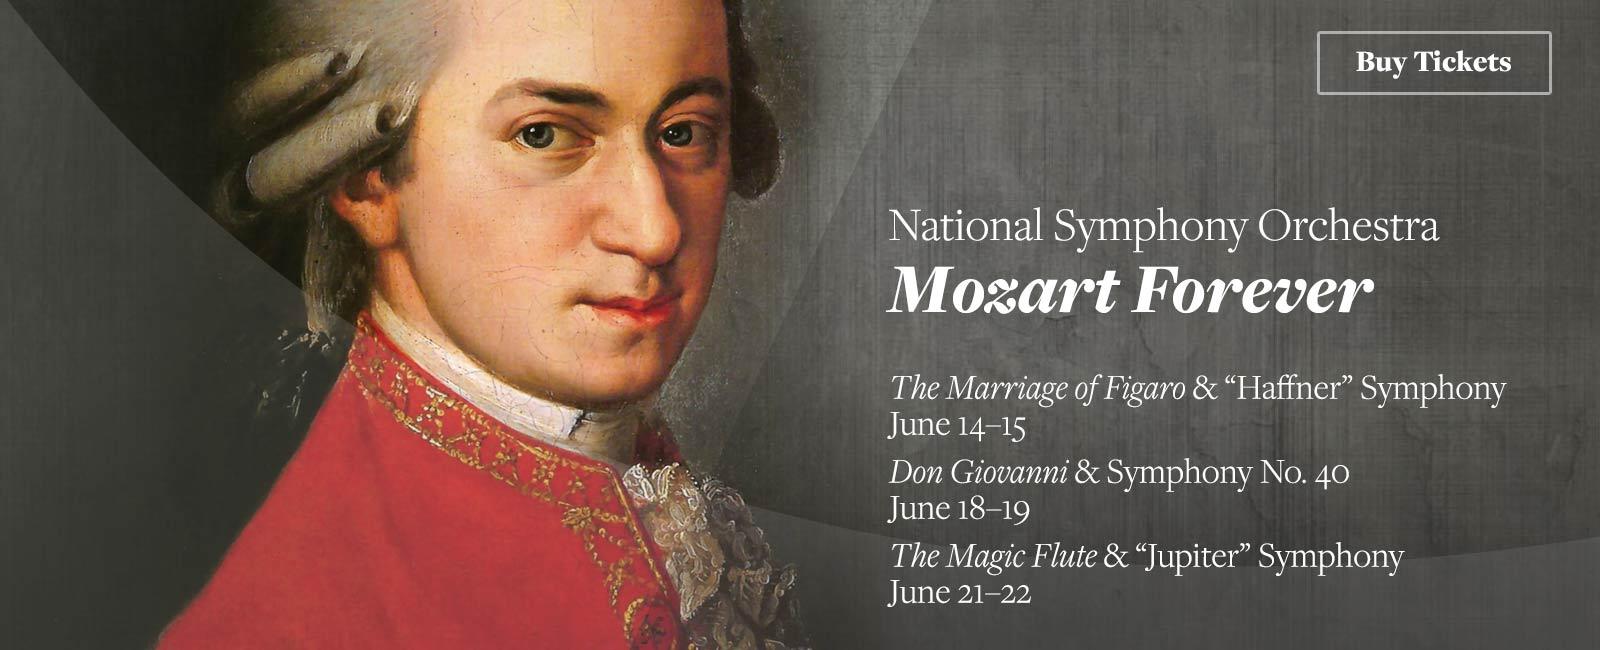 1819_MozartForever_banner-ad-1600x650